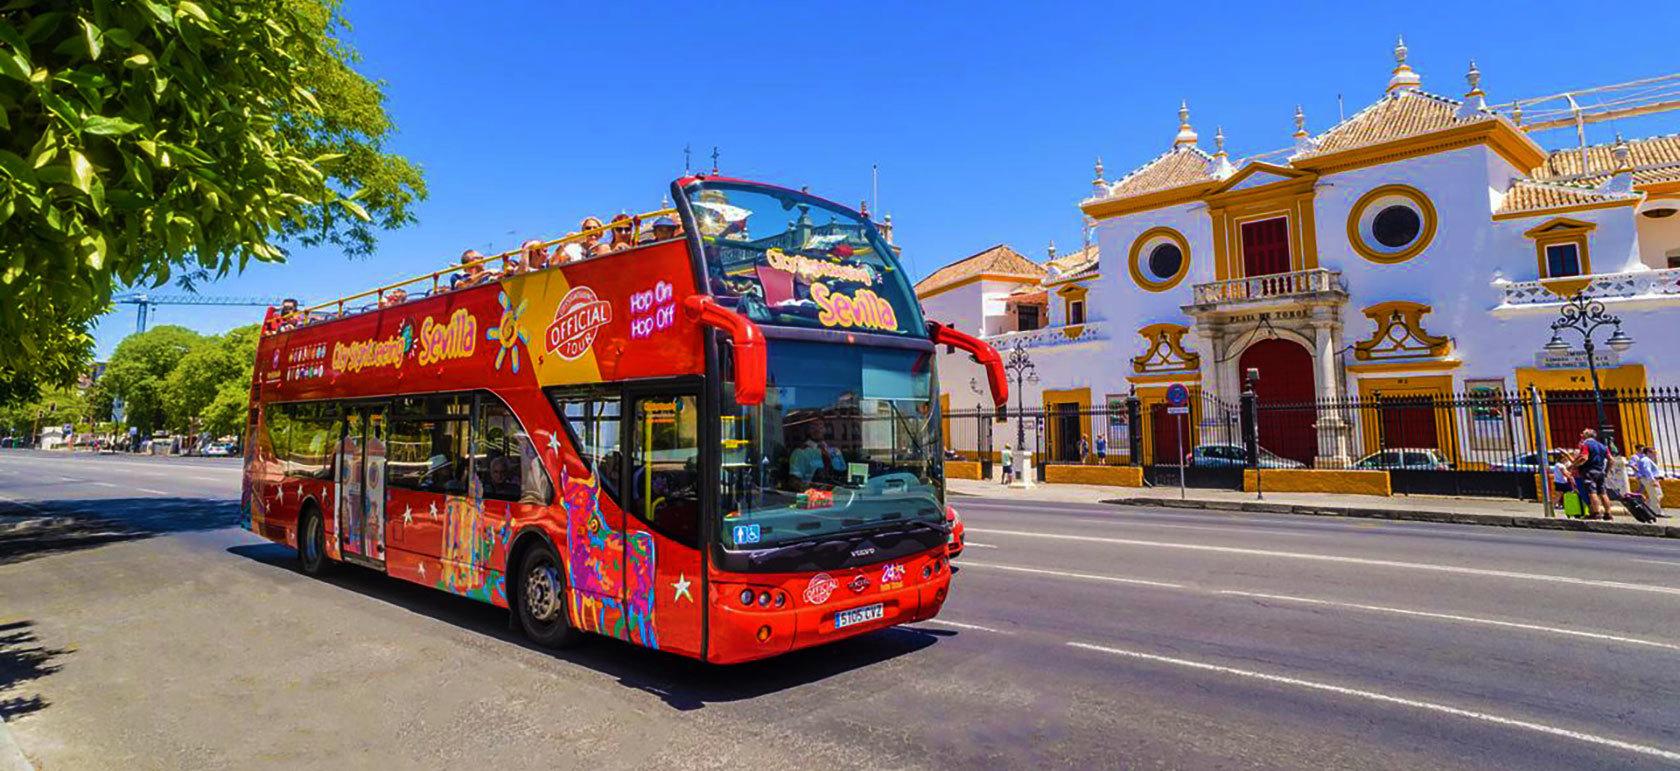 hop-on-hop-off-bus-touristique-seville